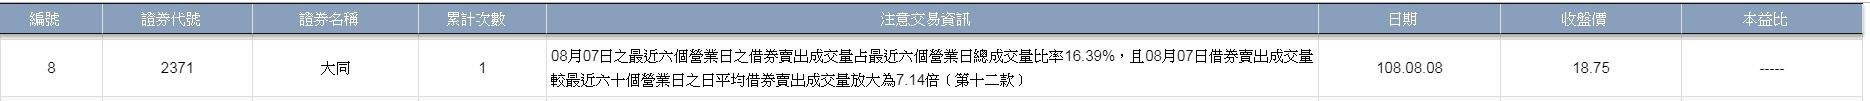 【蔡玉真專欄】大同公布財報前夕 借券異常被警示